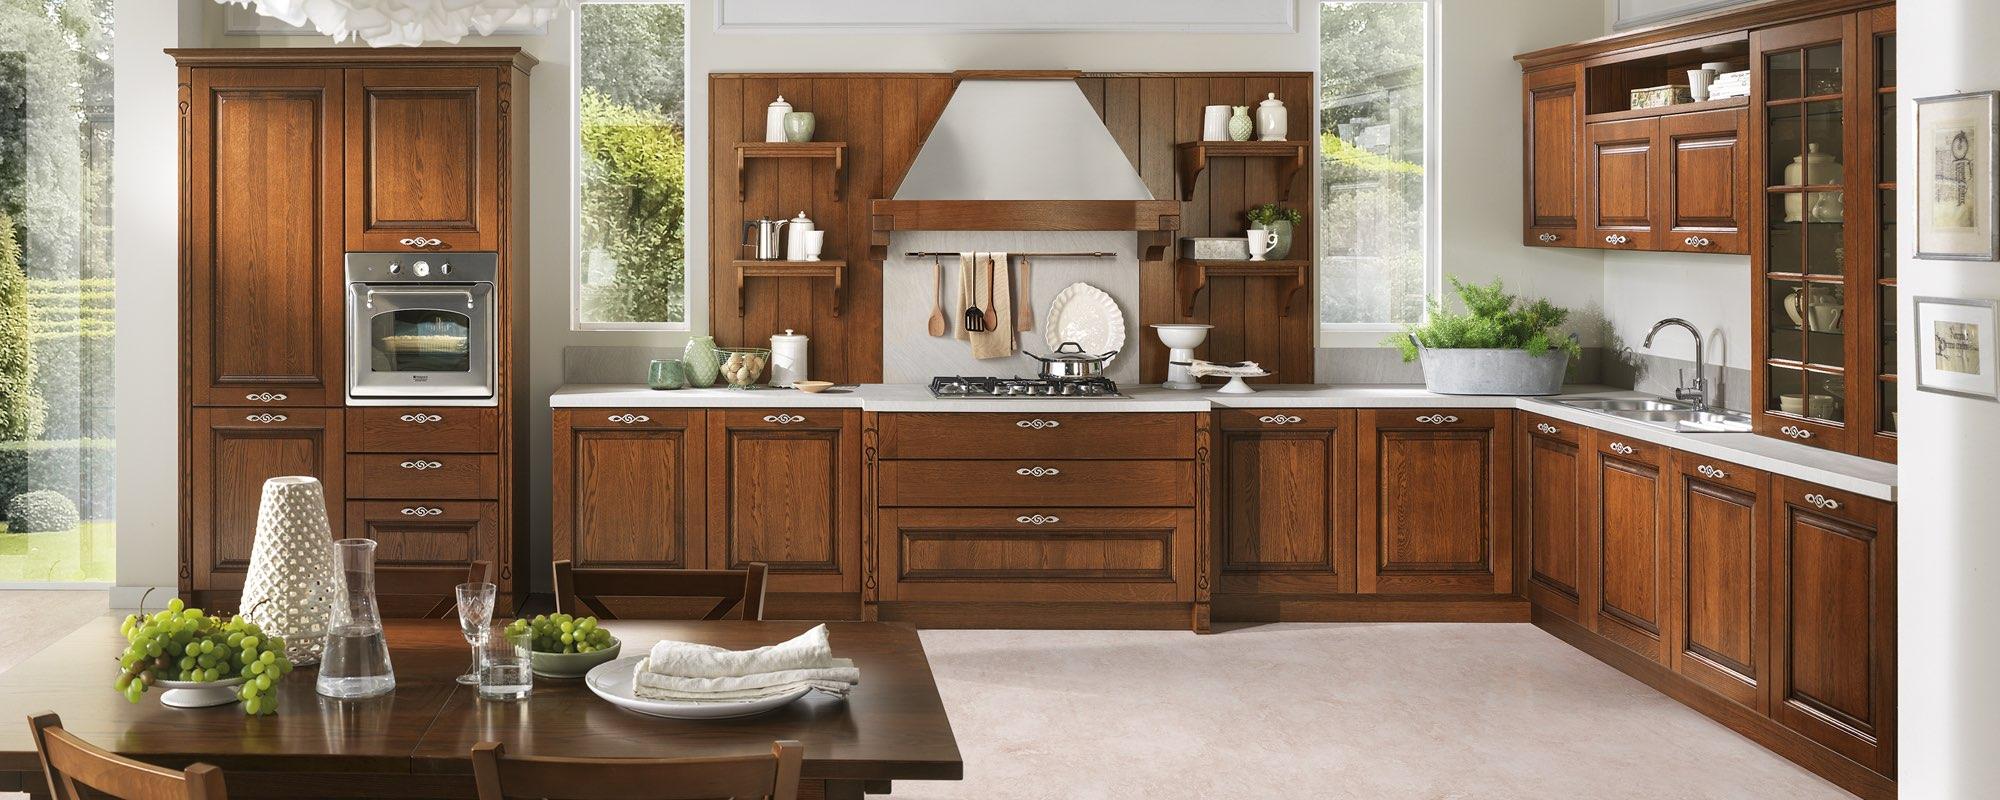 vista frontale di una cucina classica in legno con arredo